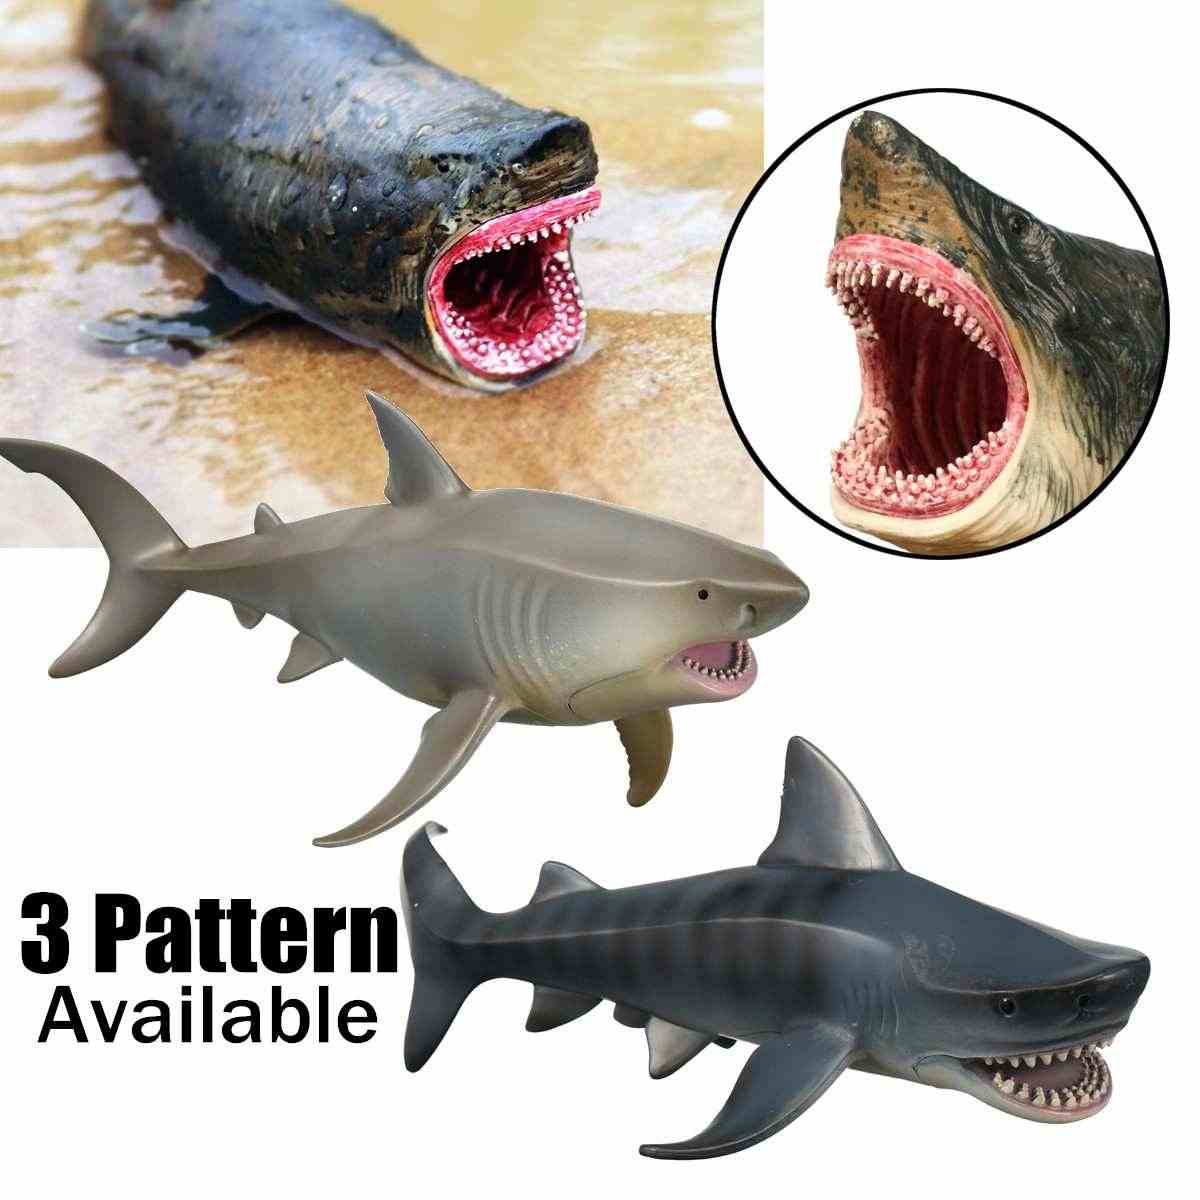 PVC Artificial Papel Timbrado Tubarão Megalodon Tubarão Do Mar Do Oceano Modelo Animal Selvagem Brinquedo Figura Colecionador de Brinquedos Decoração Crianças Presentes